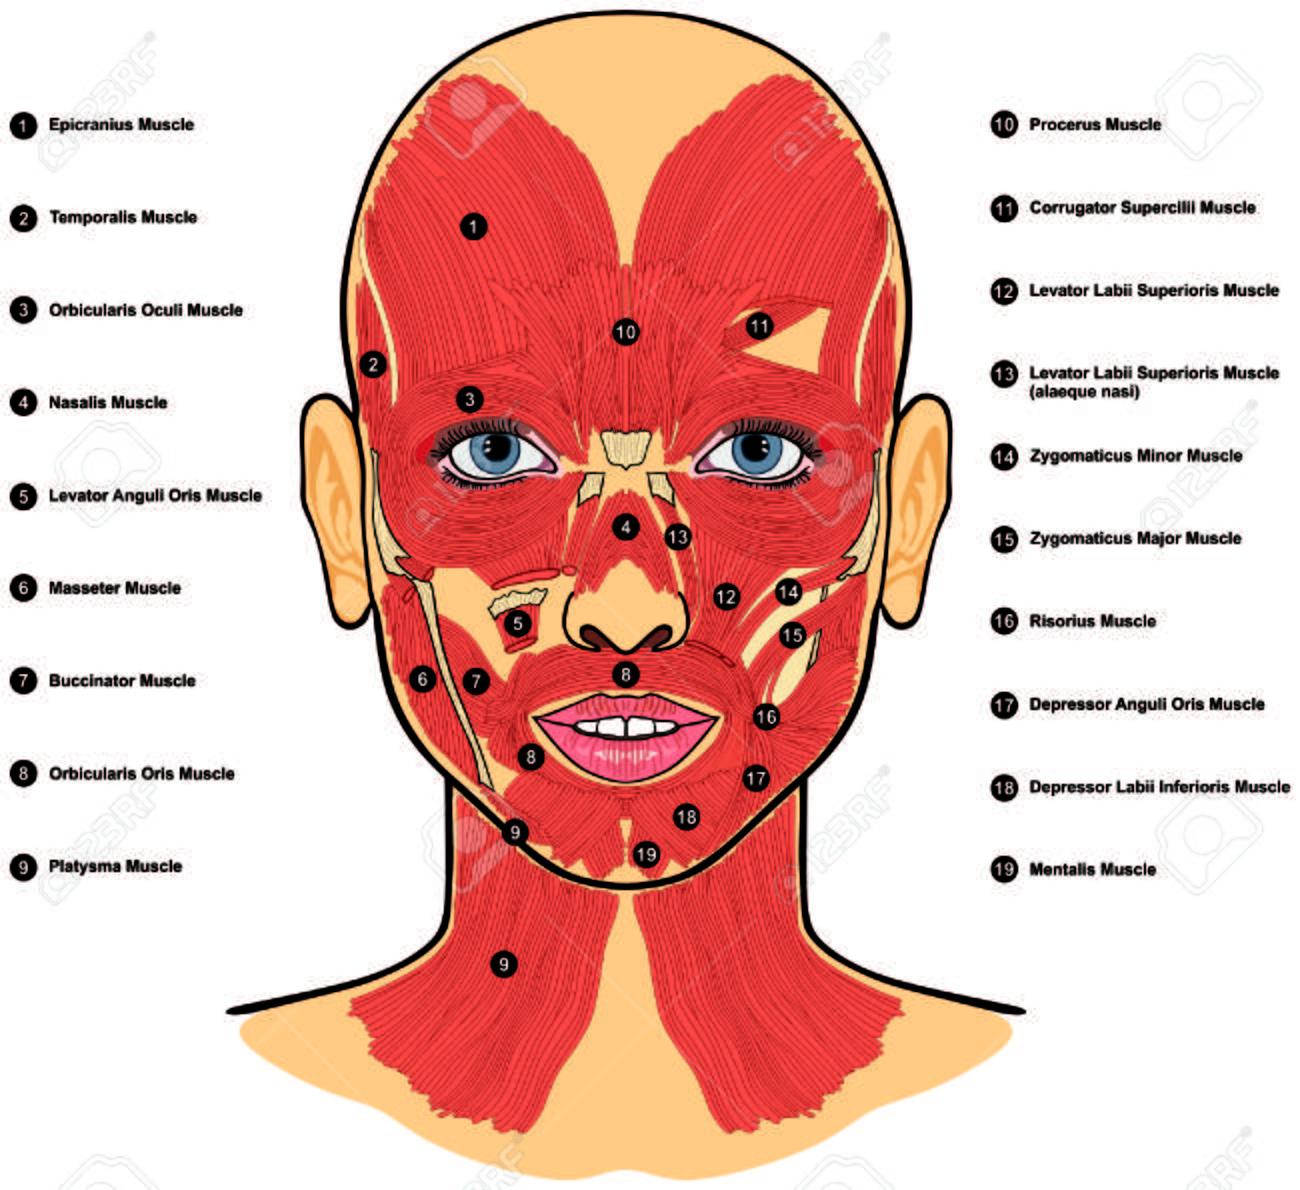 Los Músculos De La Cara Humana Anatomía Etiquetados Con Nombres ...